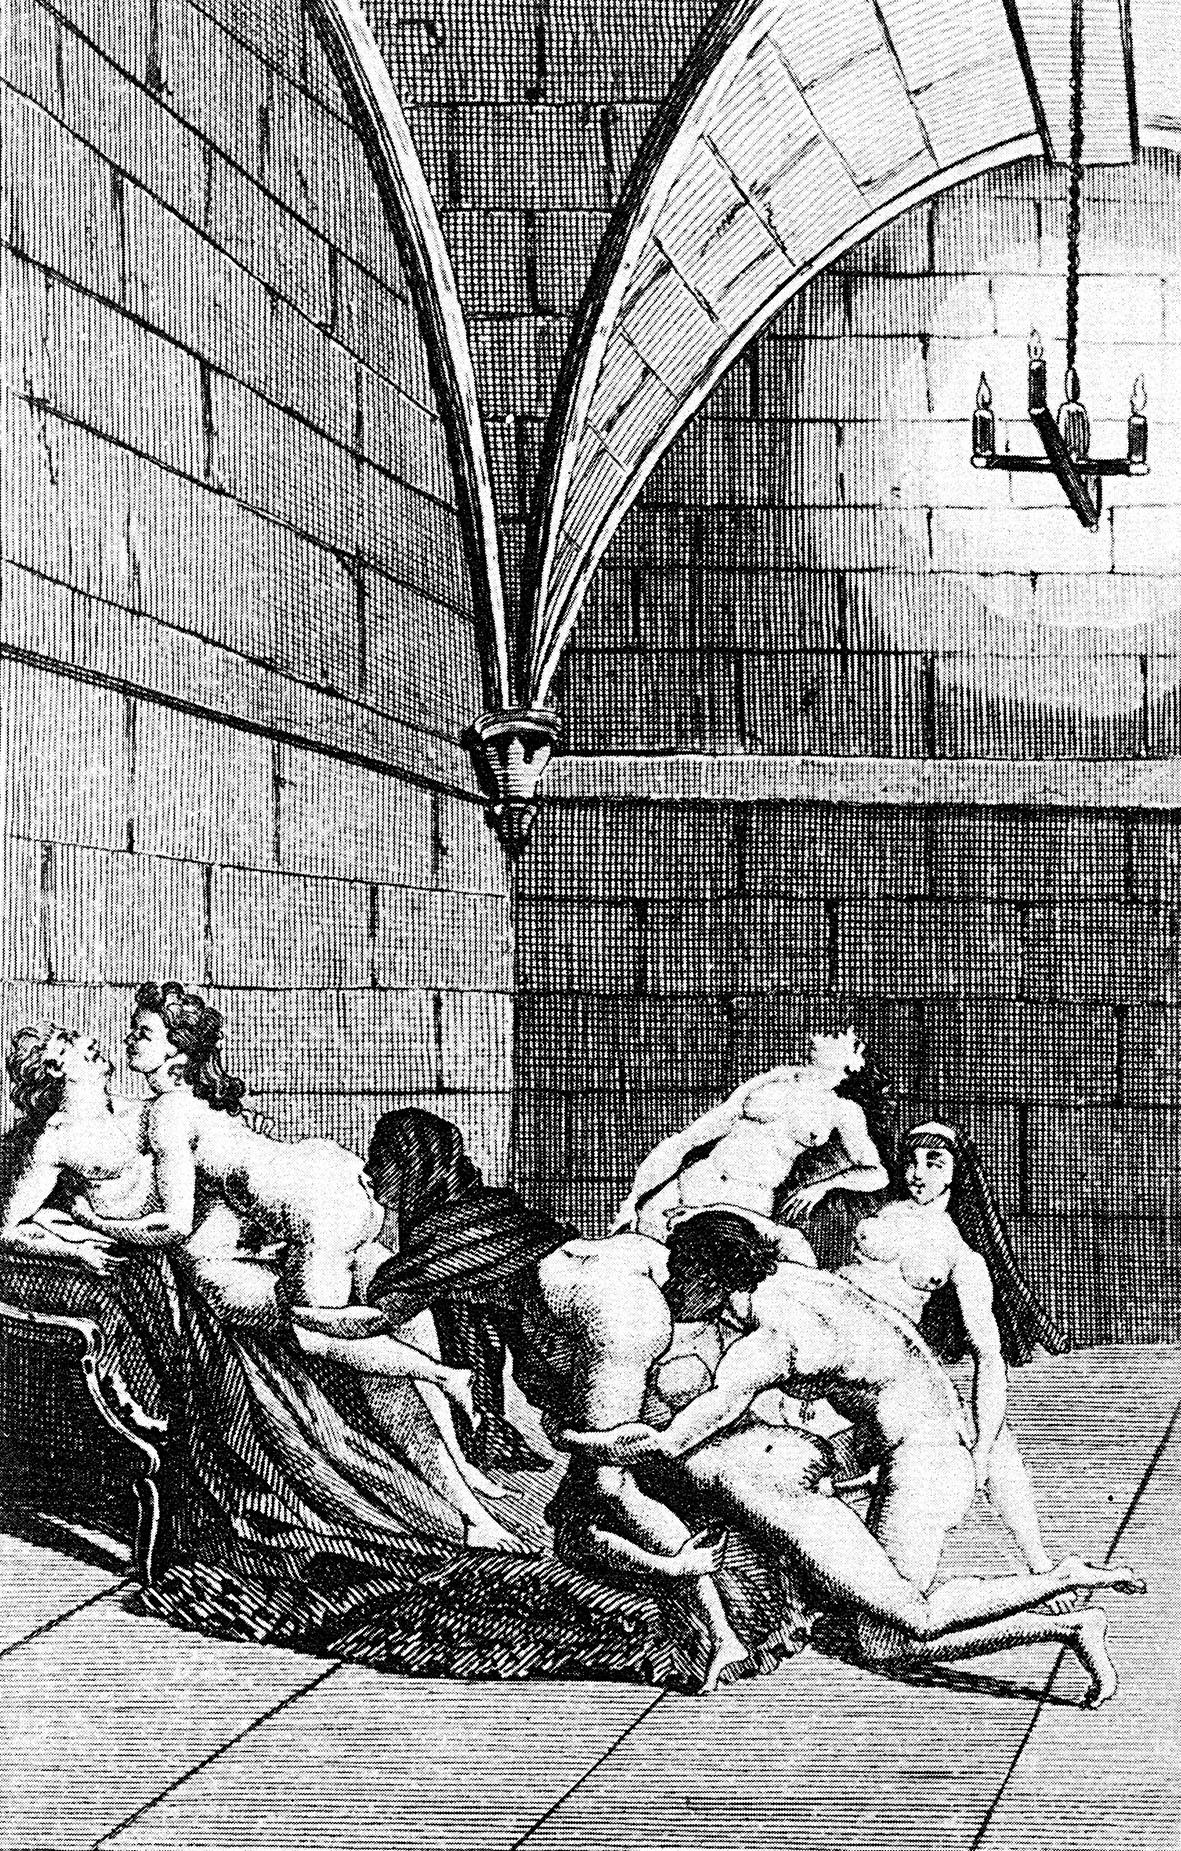 Marquis de sade porno